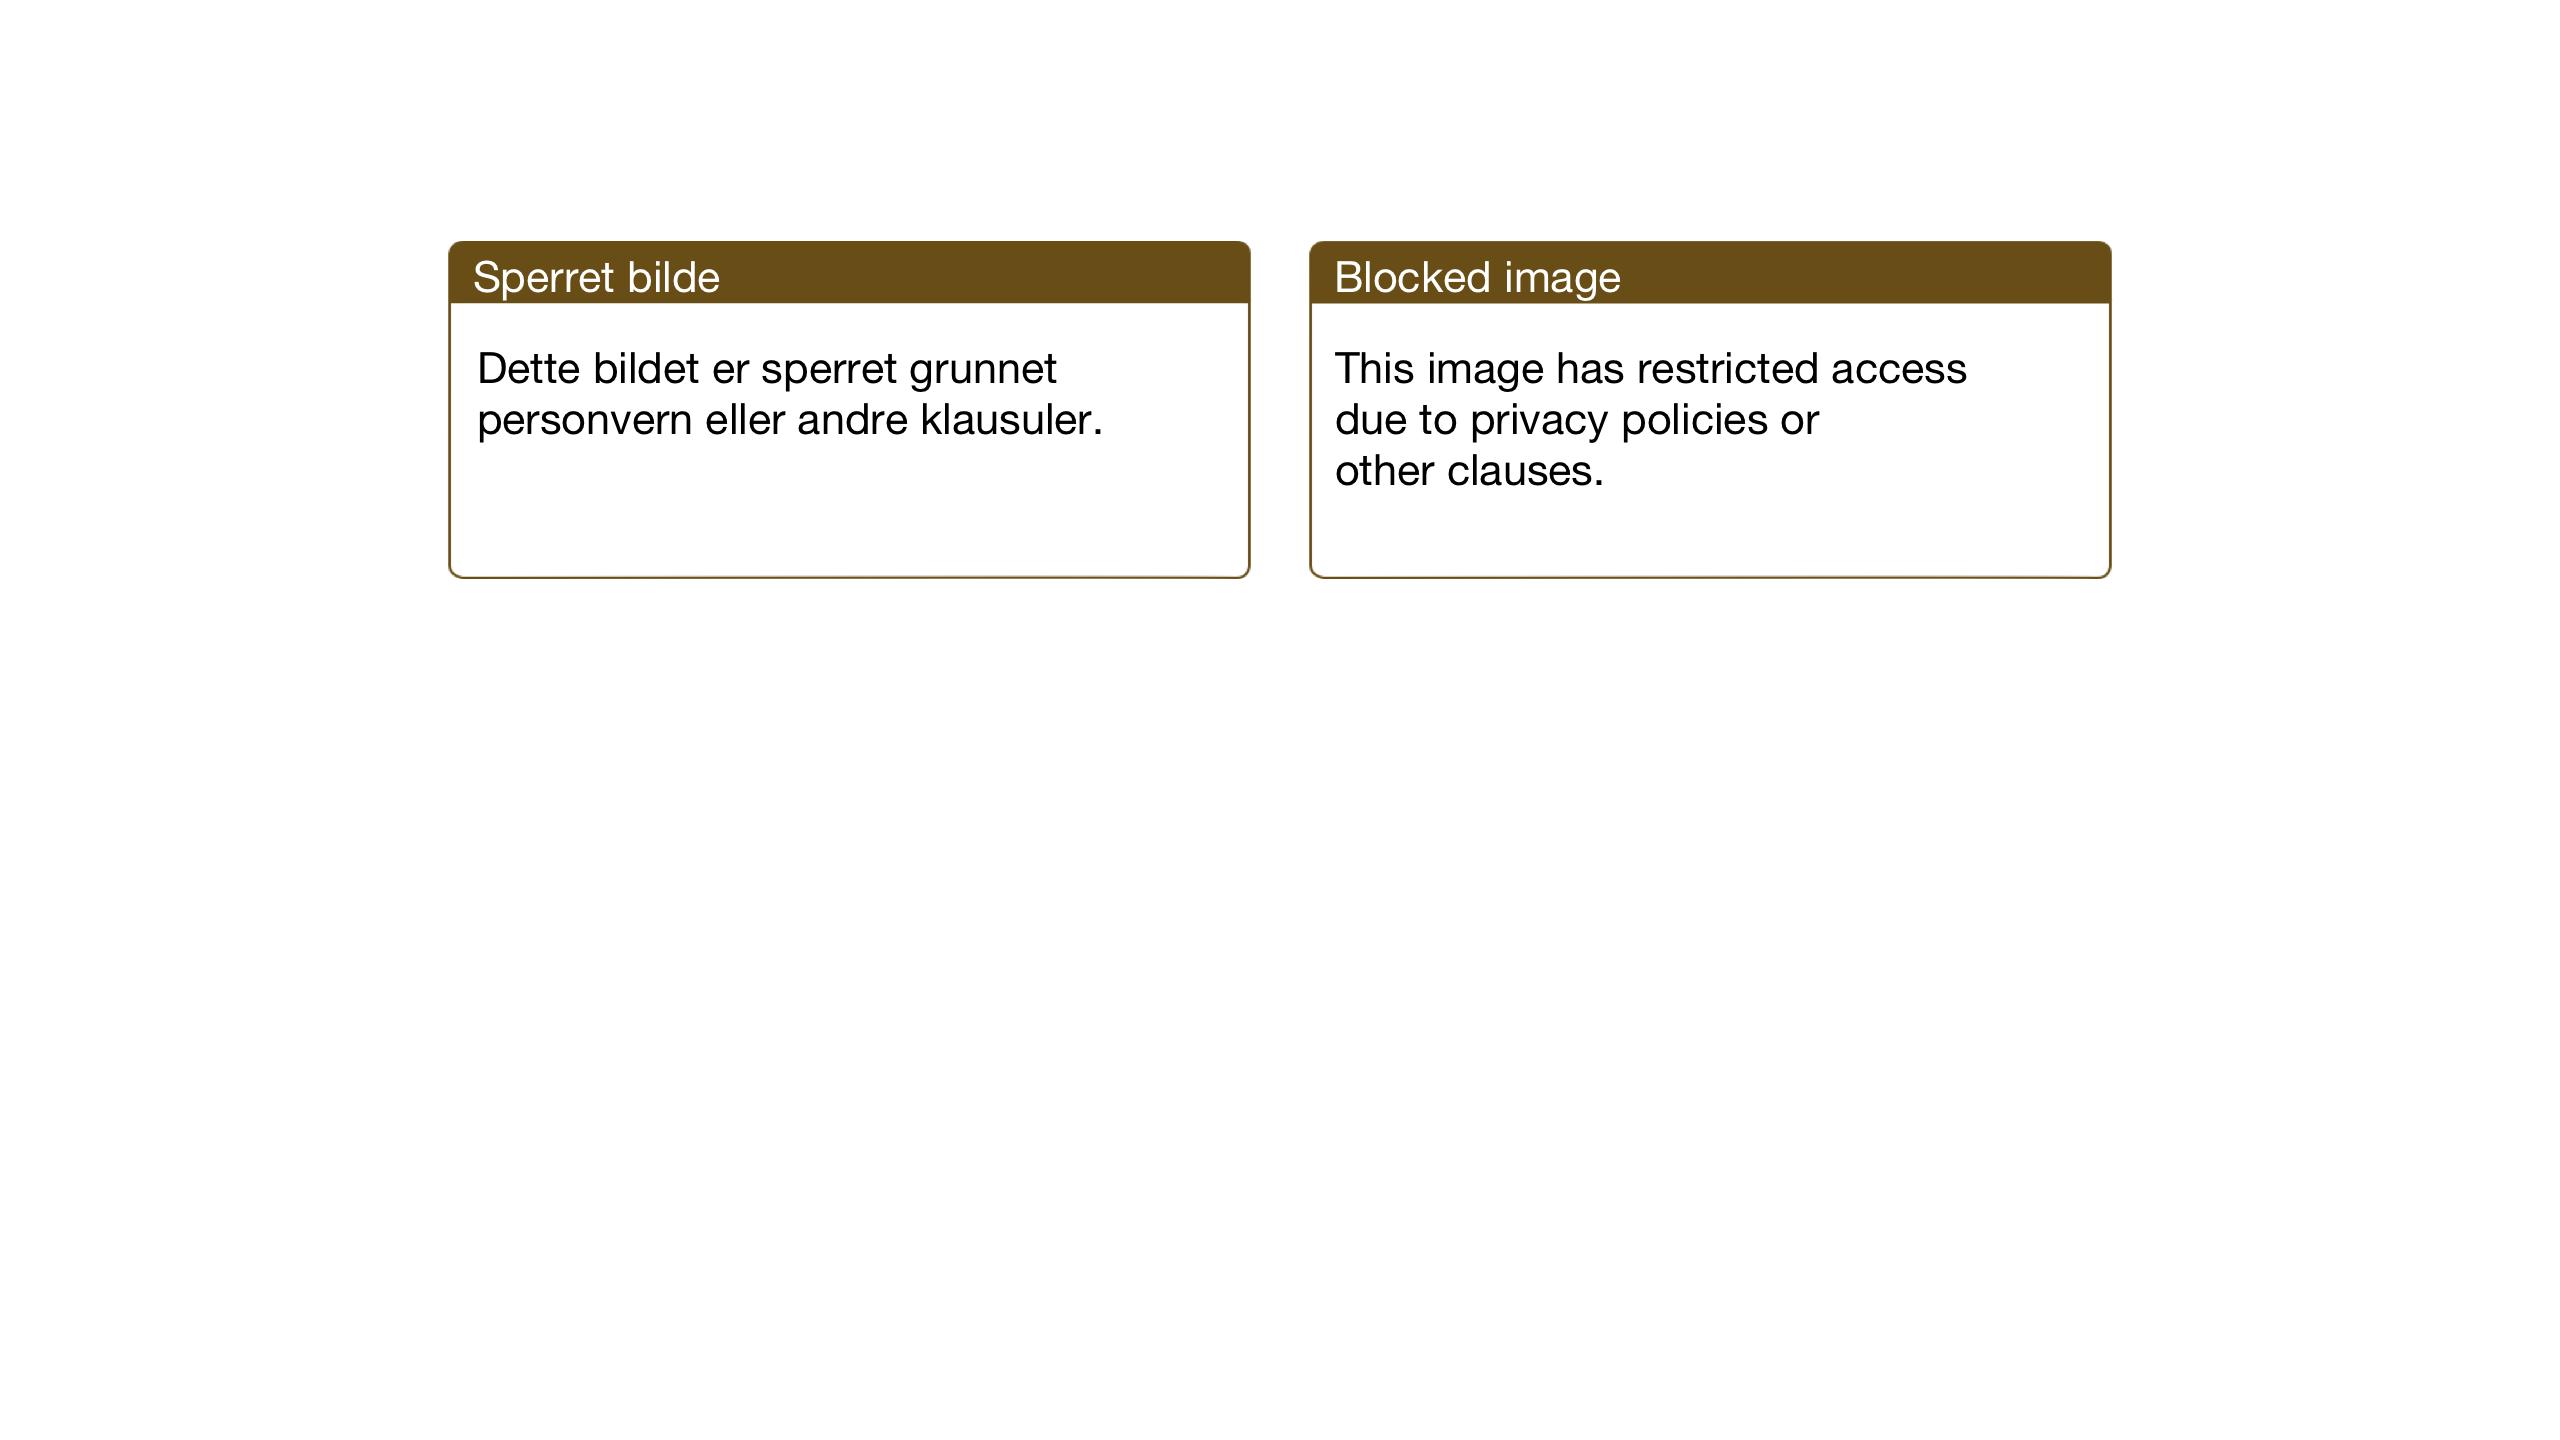 SAT, Ministerialprotokoller, klokkerbøker og fødselsregistre - Nord-Trøndelag, 780/L0654: Klokkerbok nr. 780C06, 1928-1942, s. 18